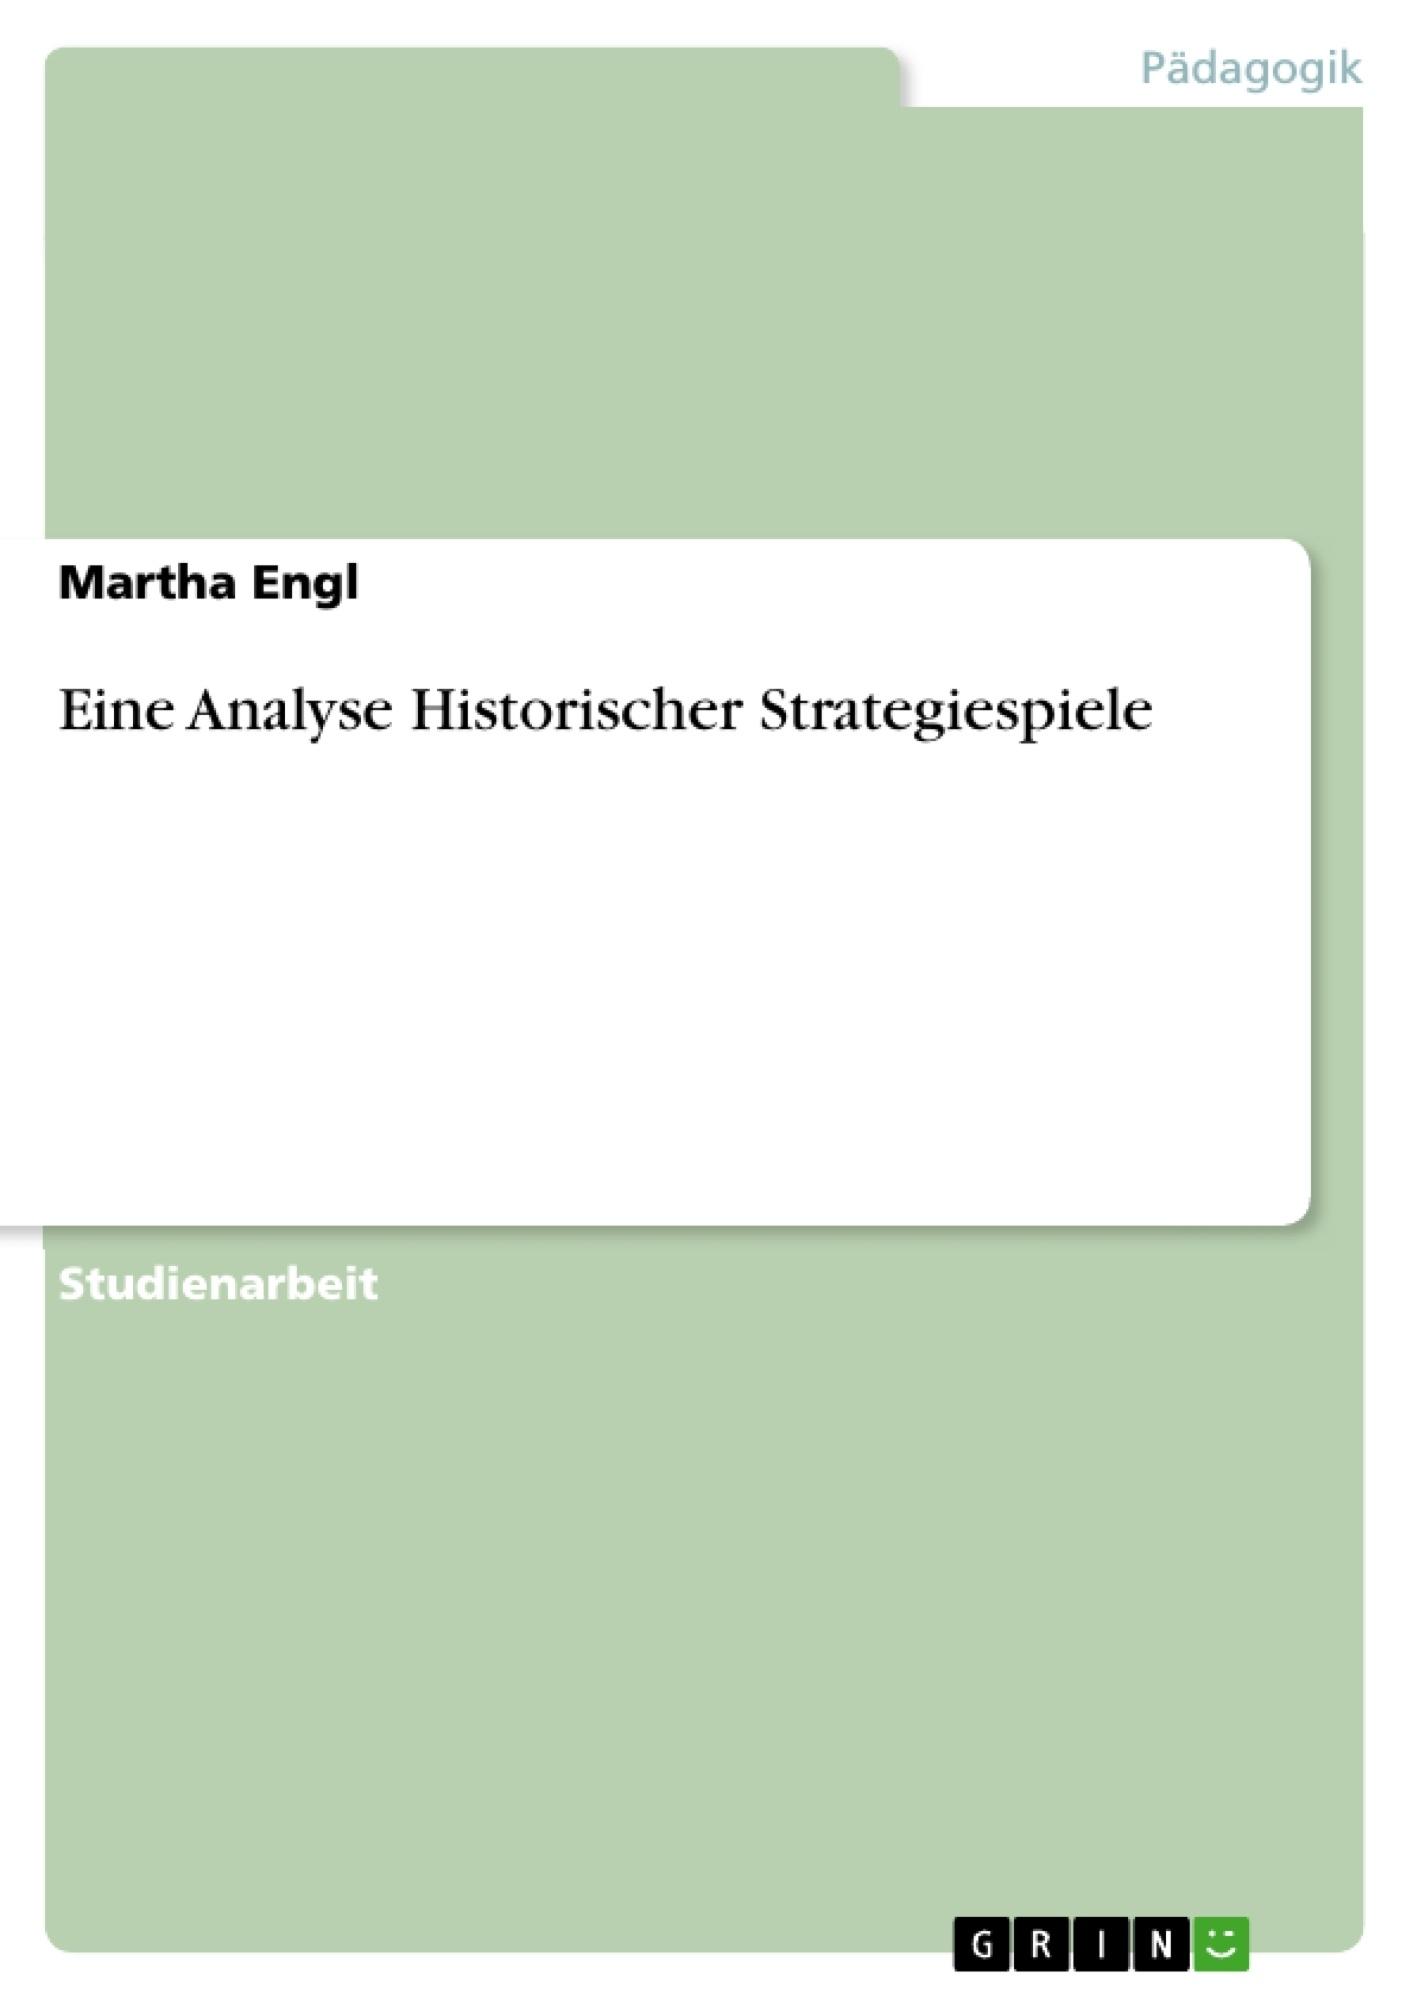 Titel: Eine Analyse Historischer Strategiespiele